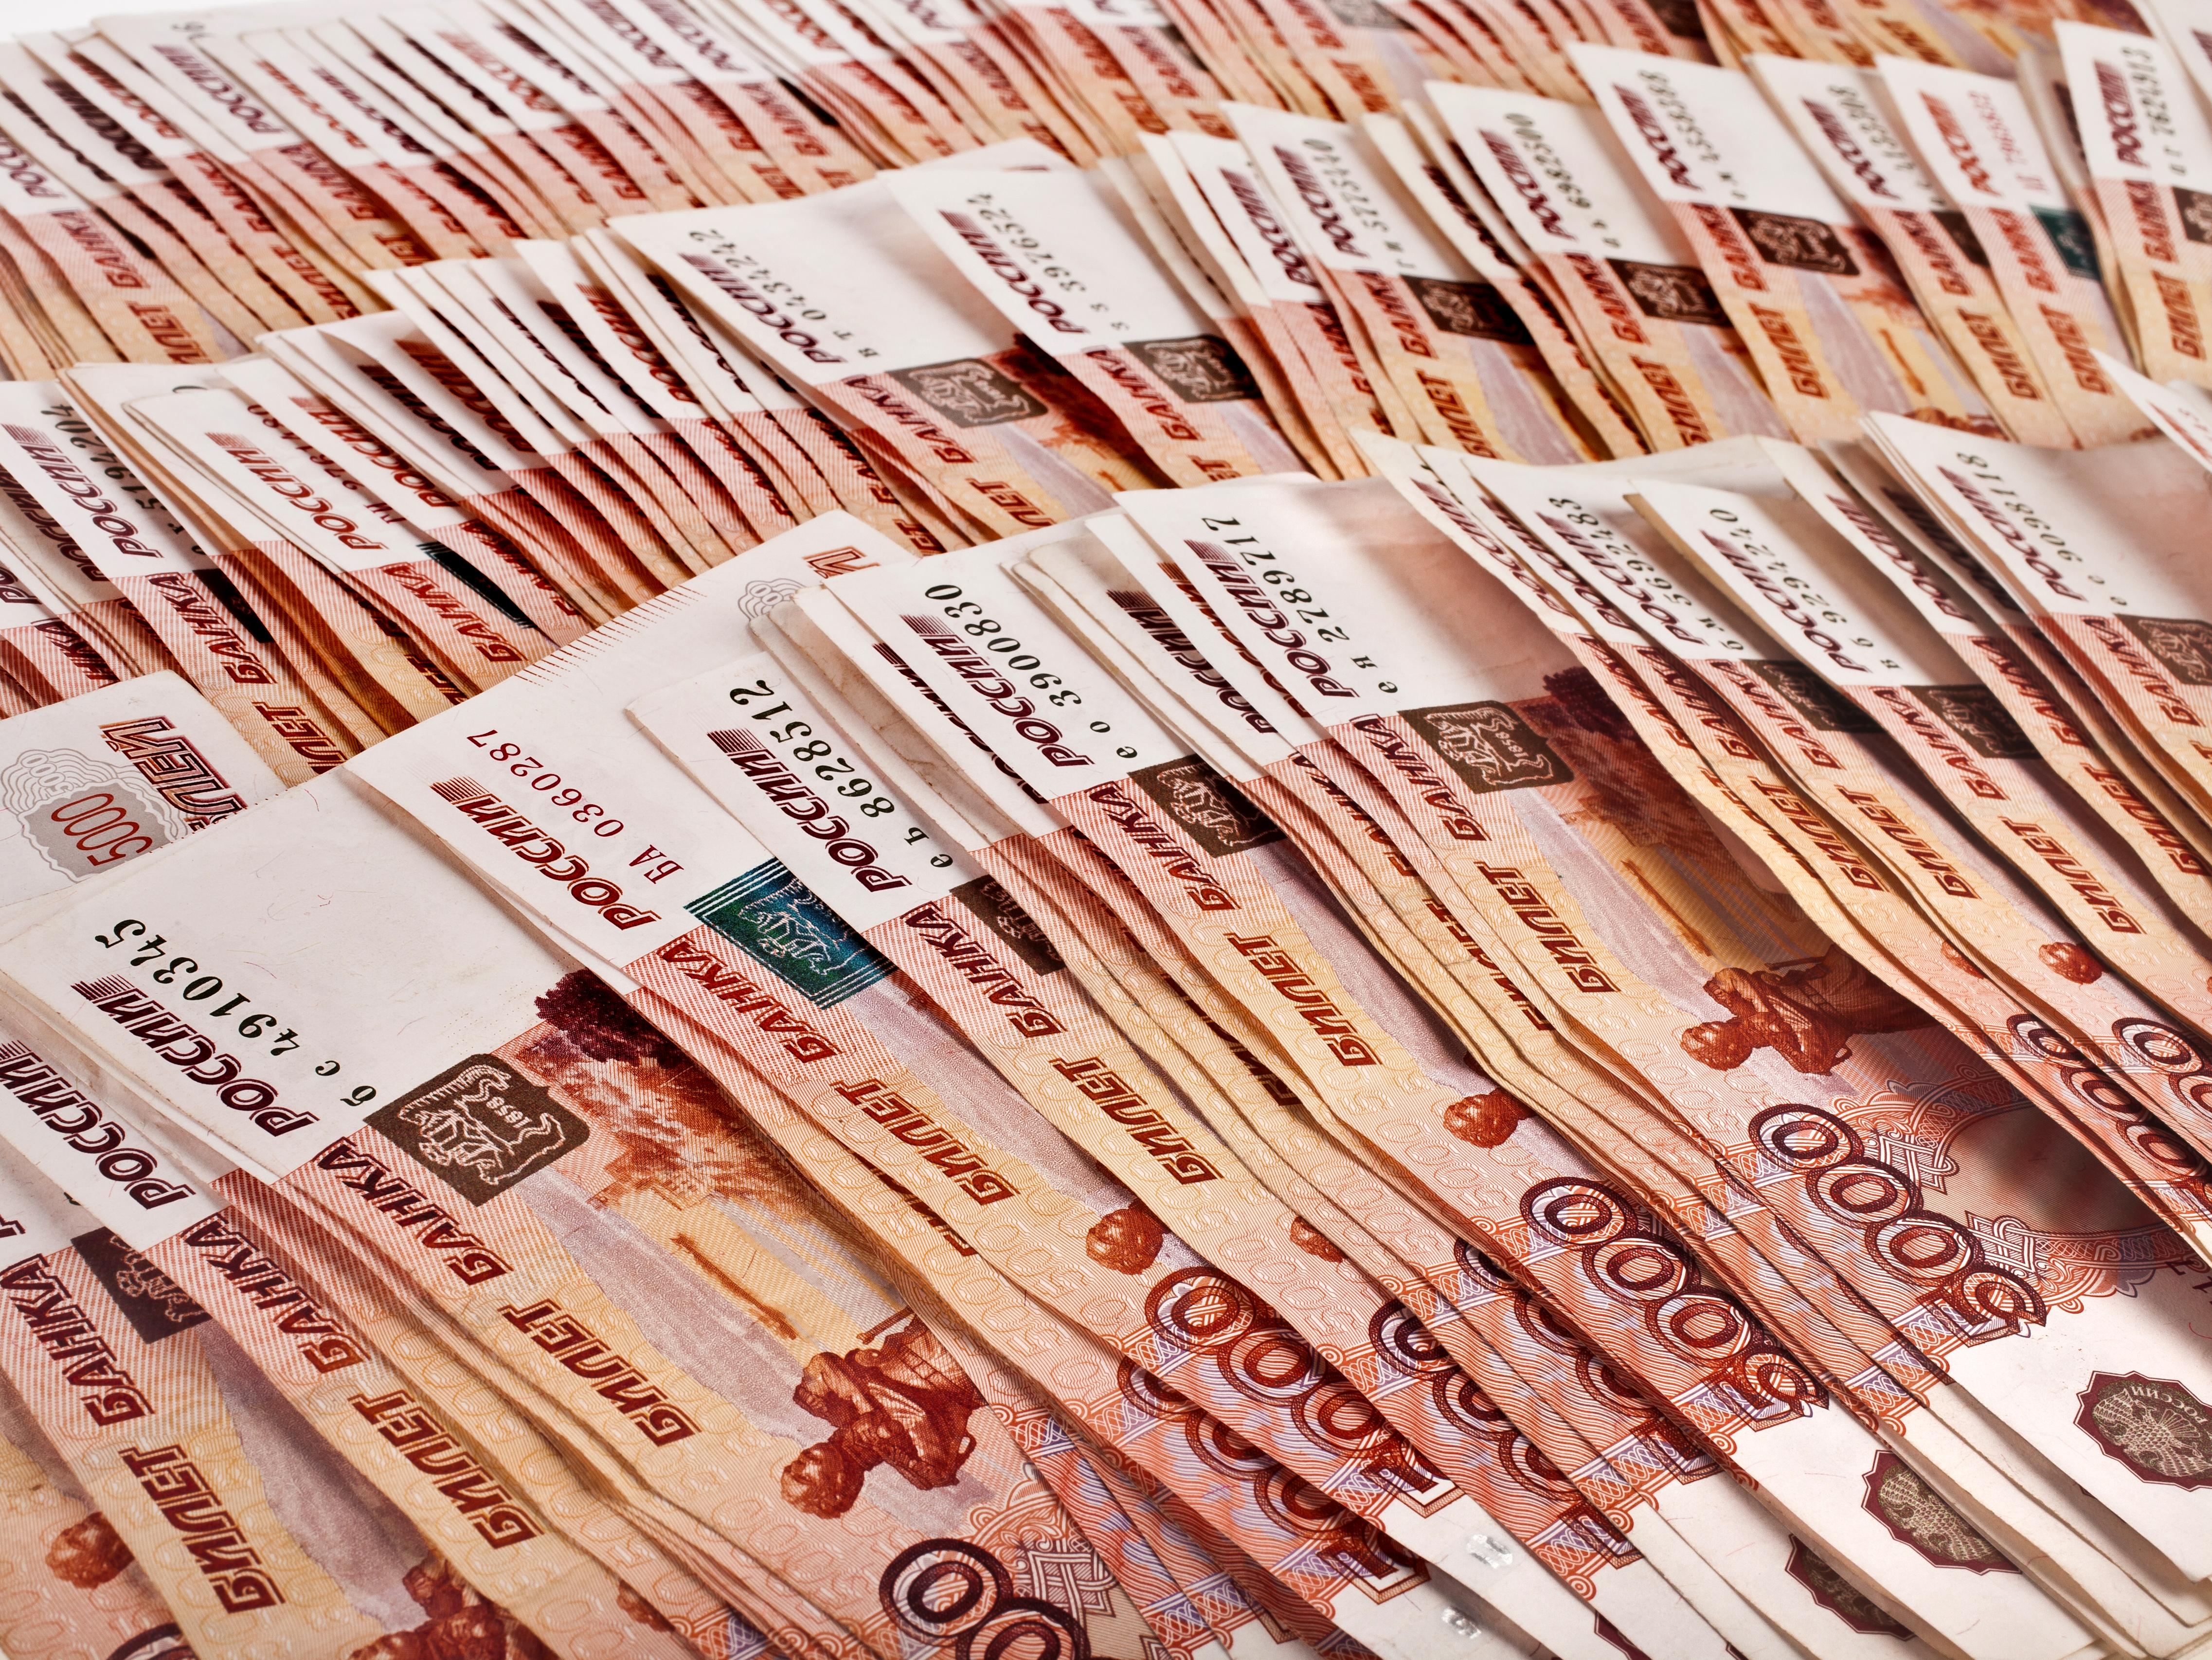 Полмиллиона рублей на конфеты выделит региональный бюджет